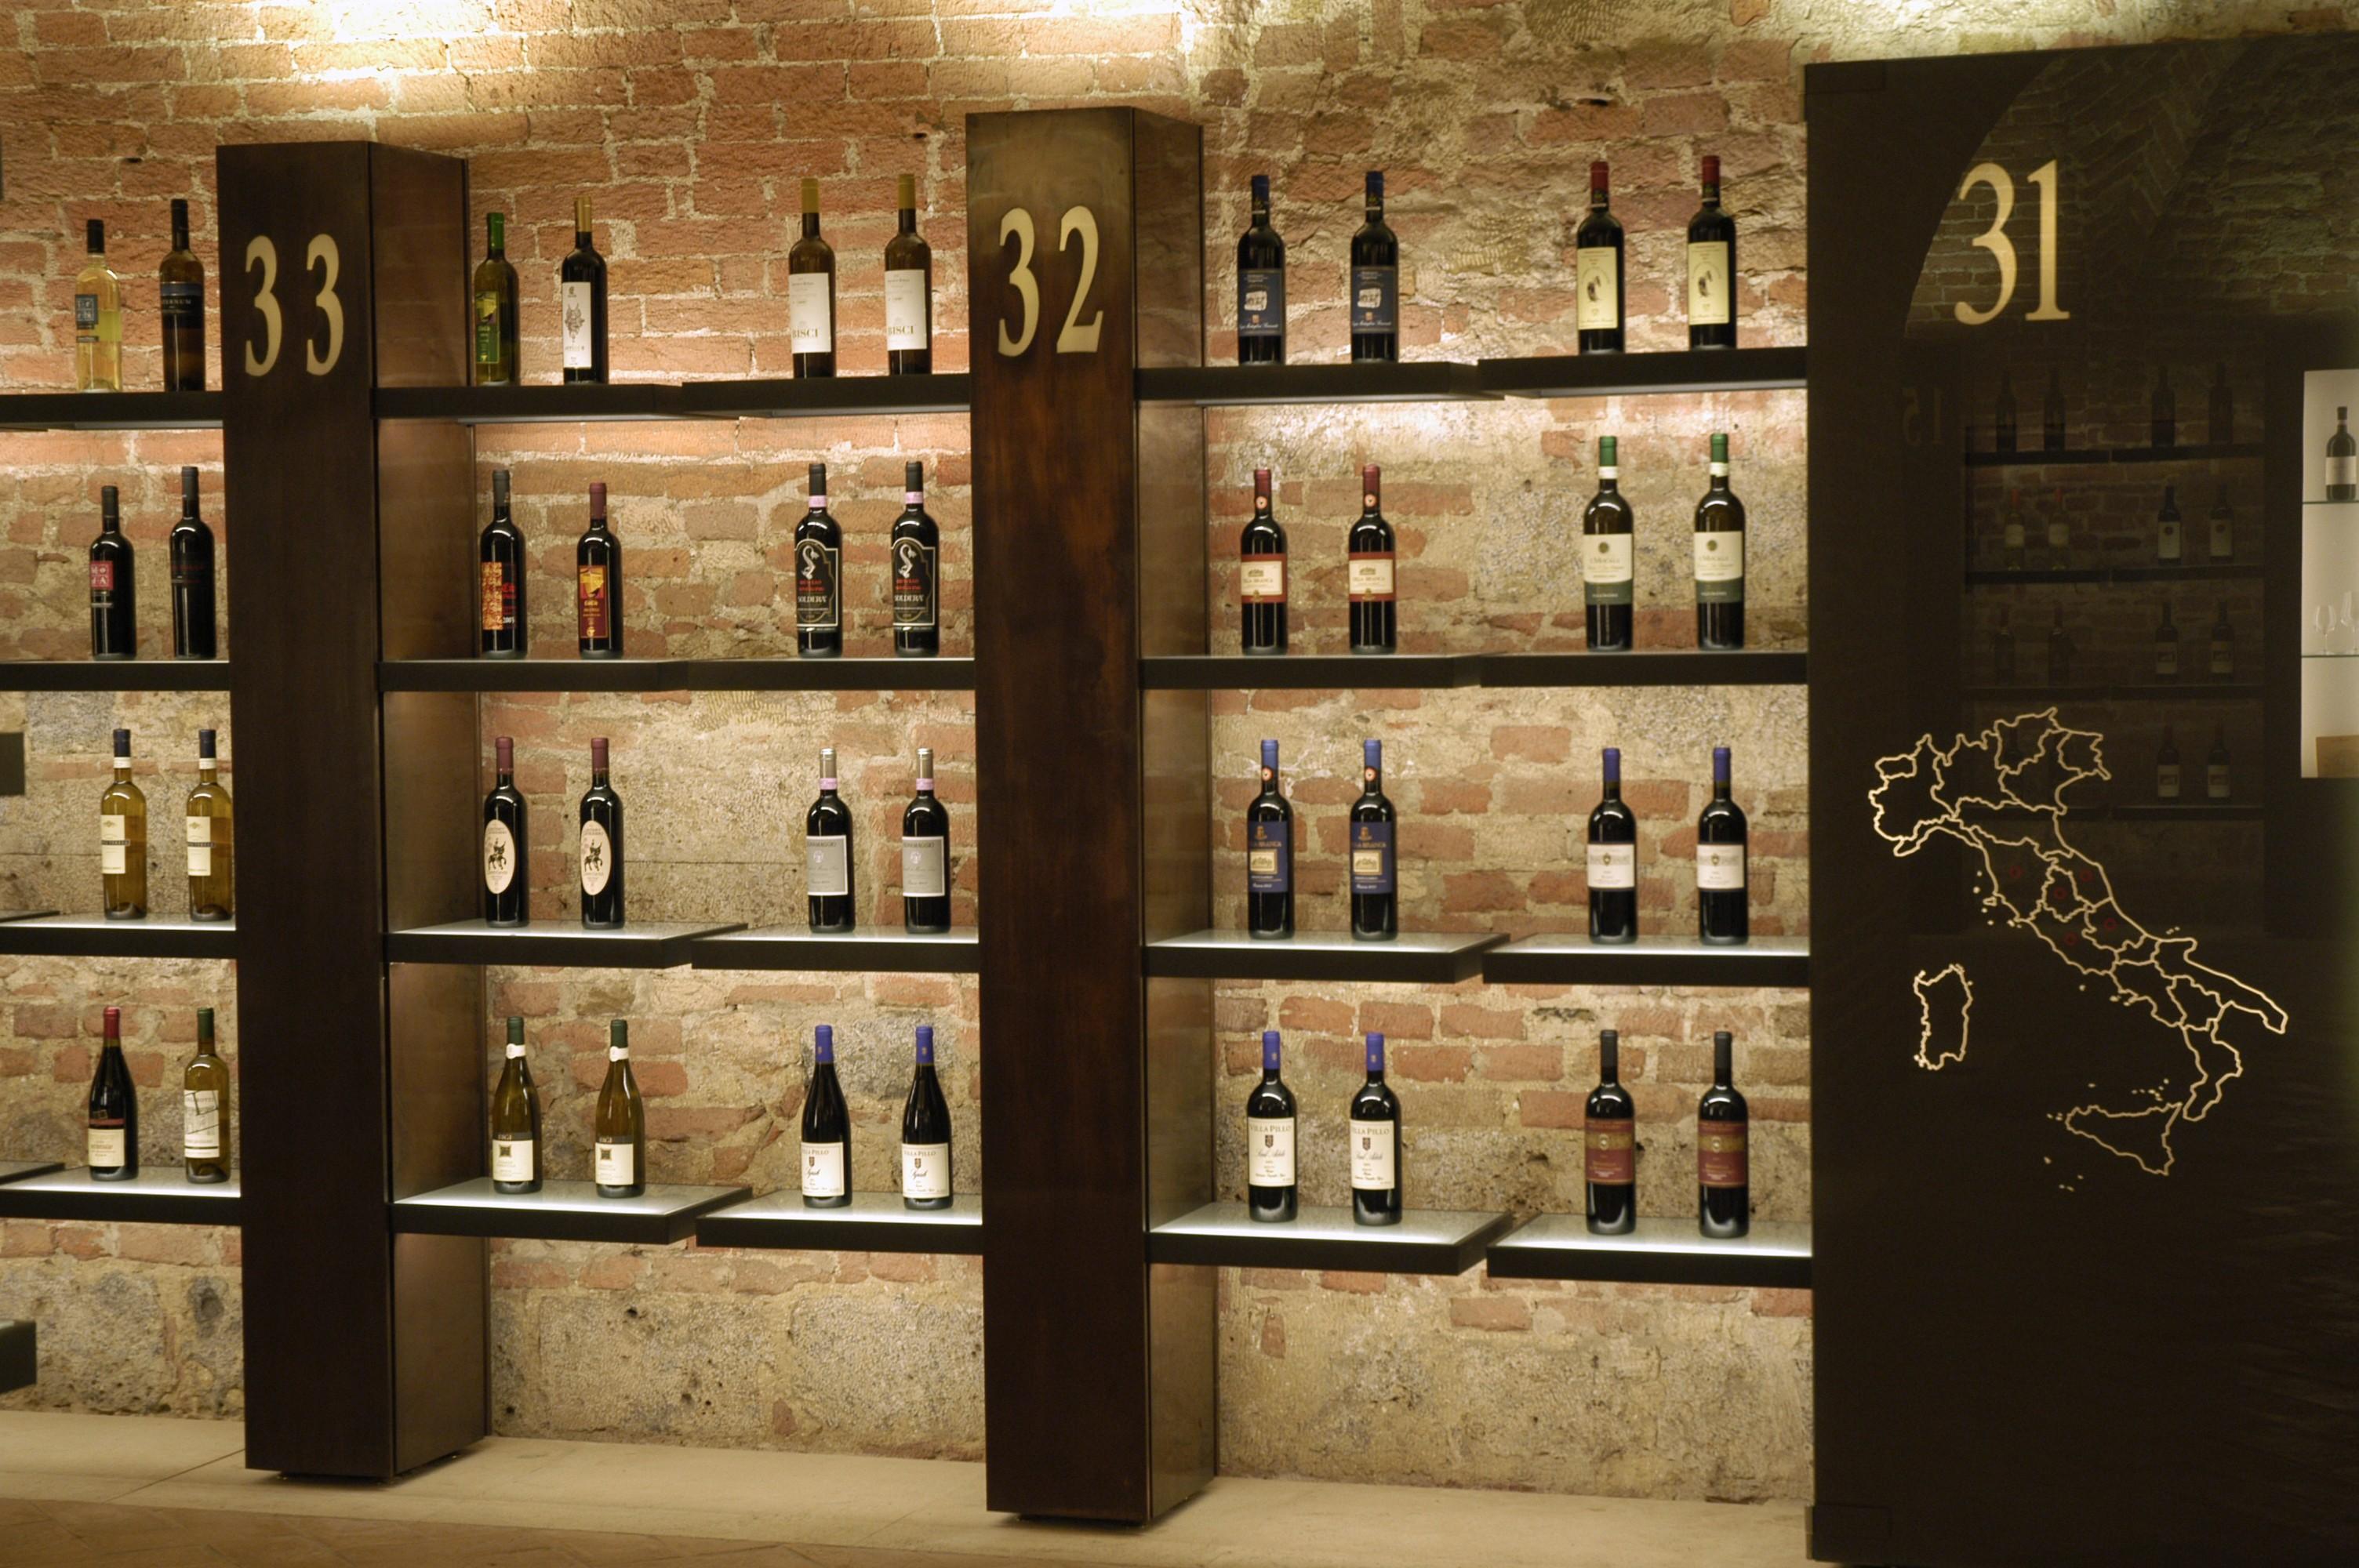 Doux d henry il vino di enrico iv mole24 for Arredare ristorante ikea